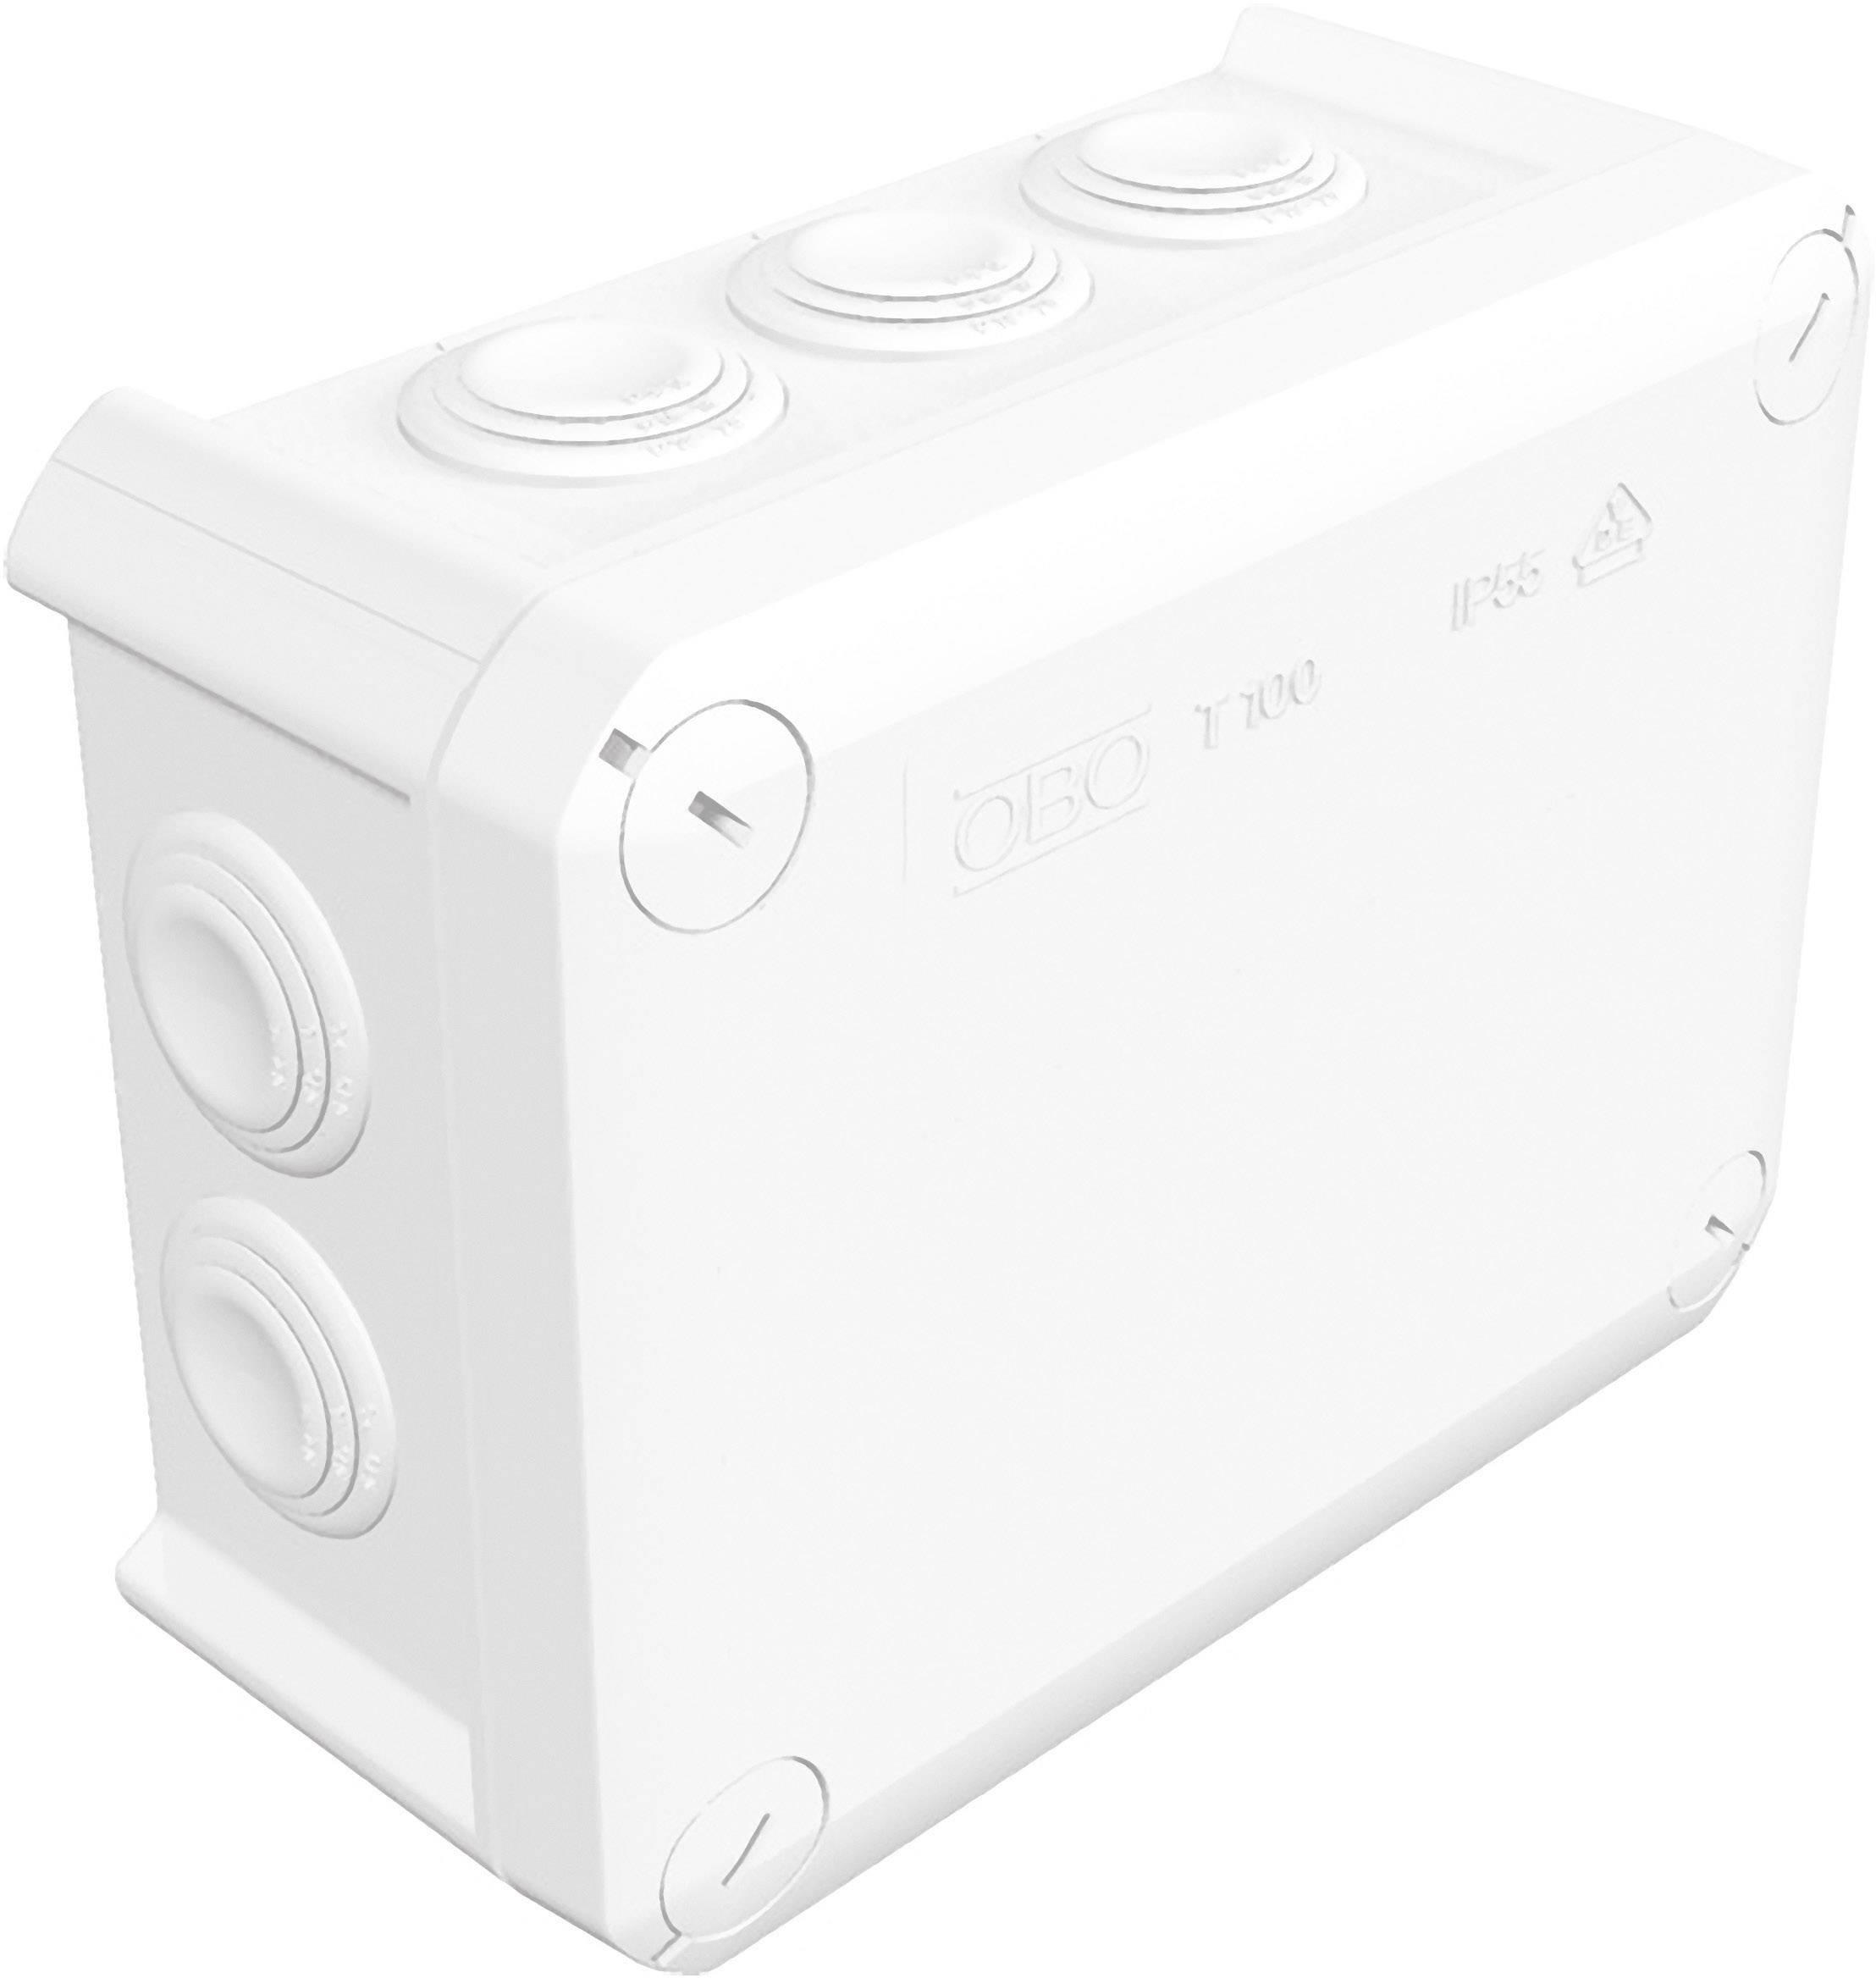 Rozbočovacia krabica OBO Bettermann T100, IP66, 150 x 116 x 67 mm, jasne biela, 2007533